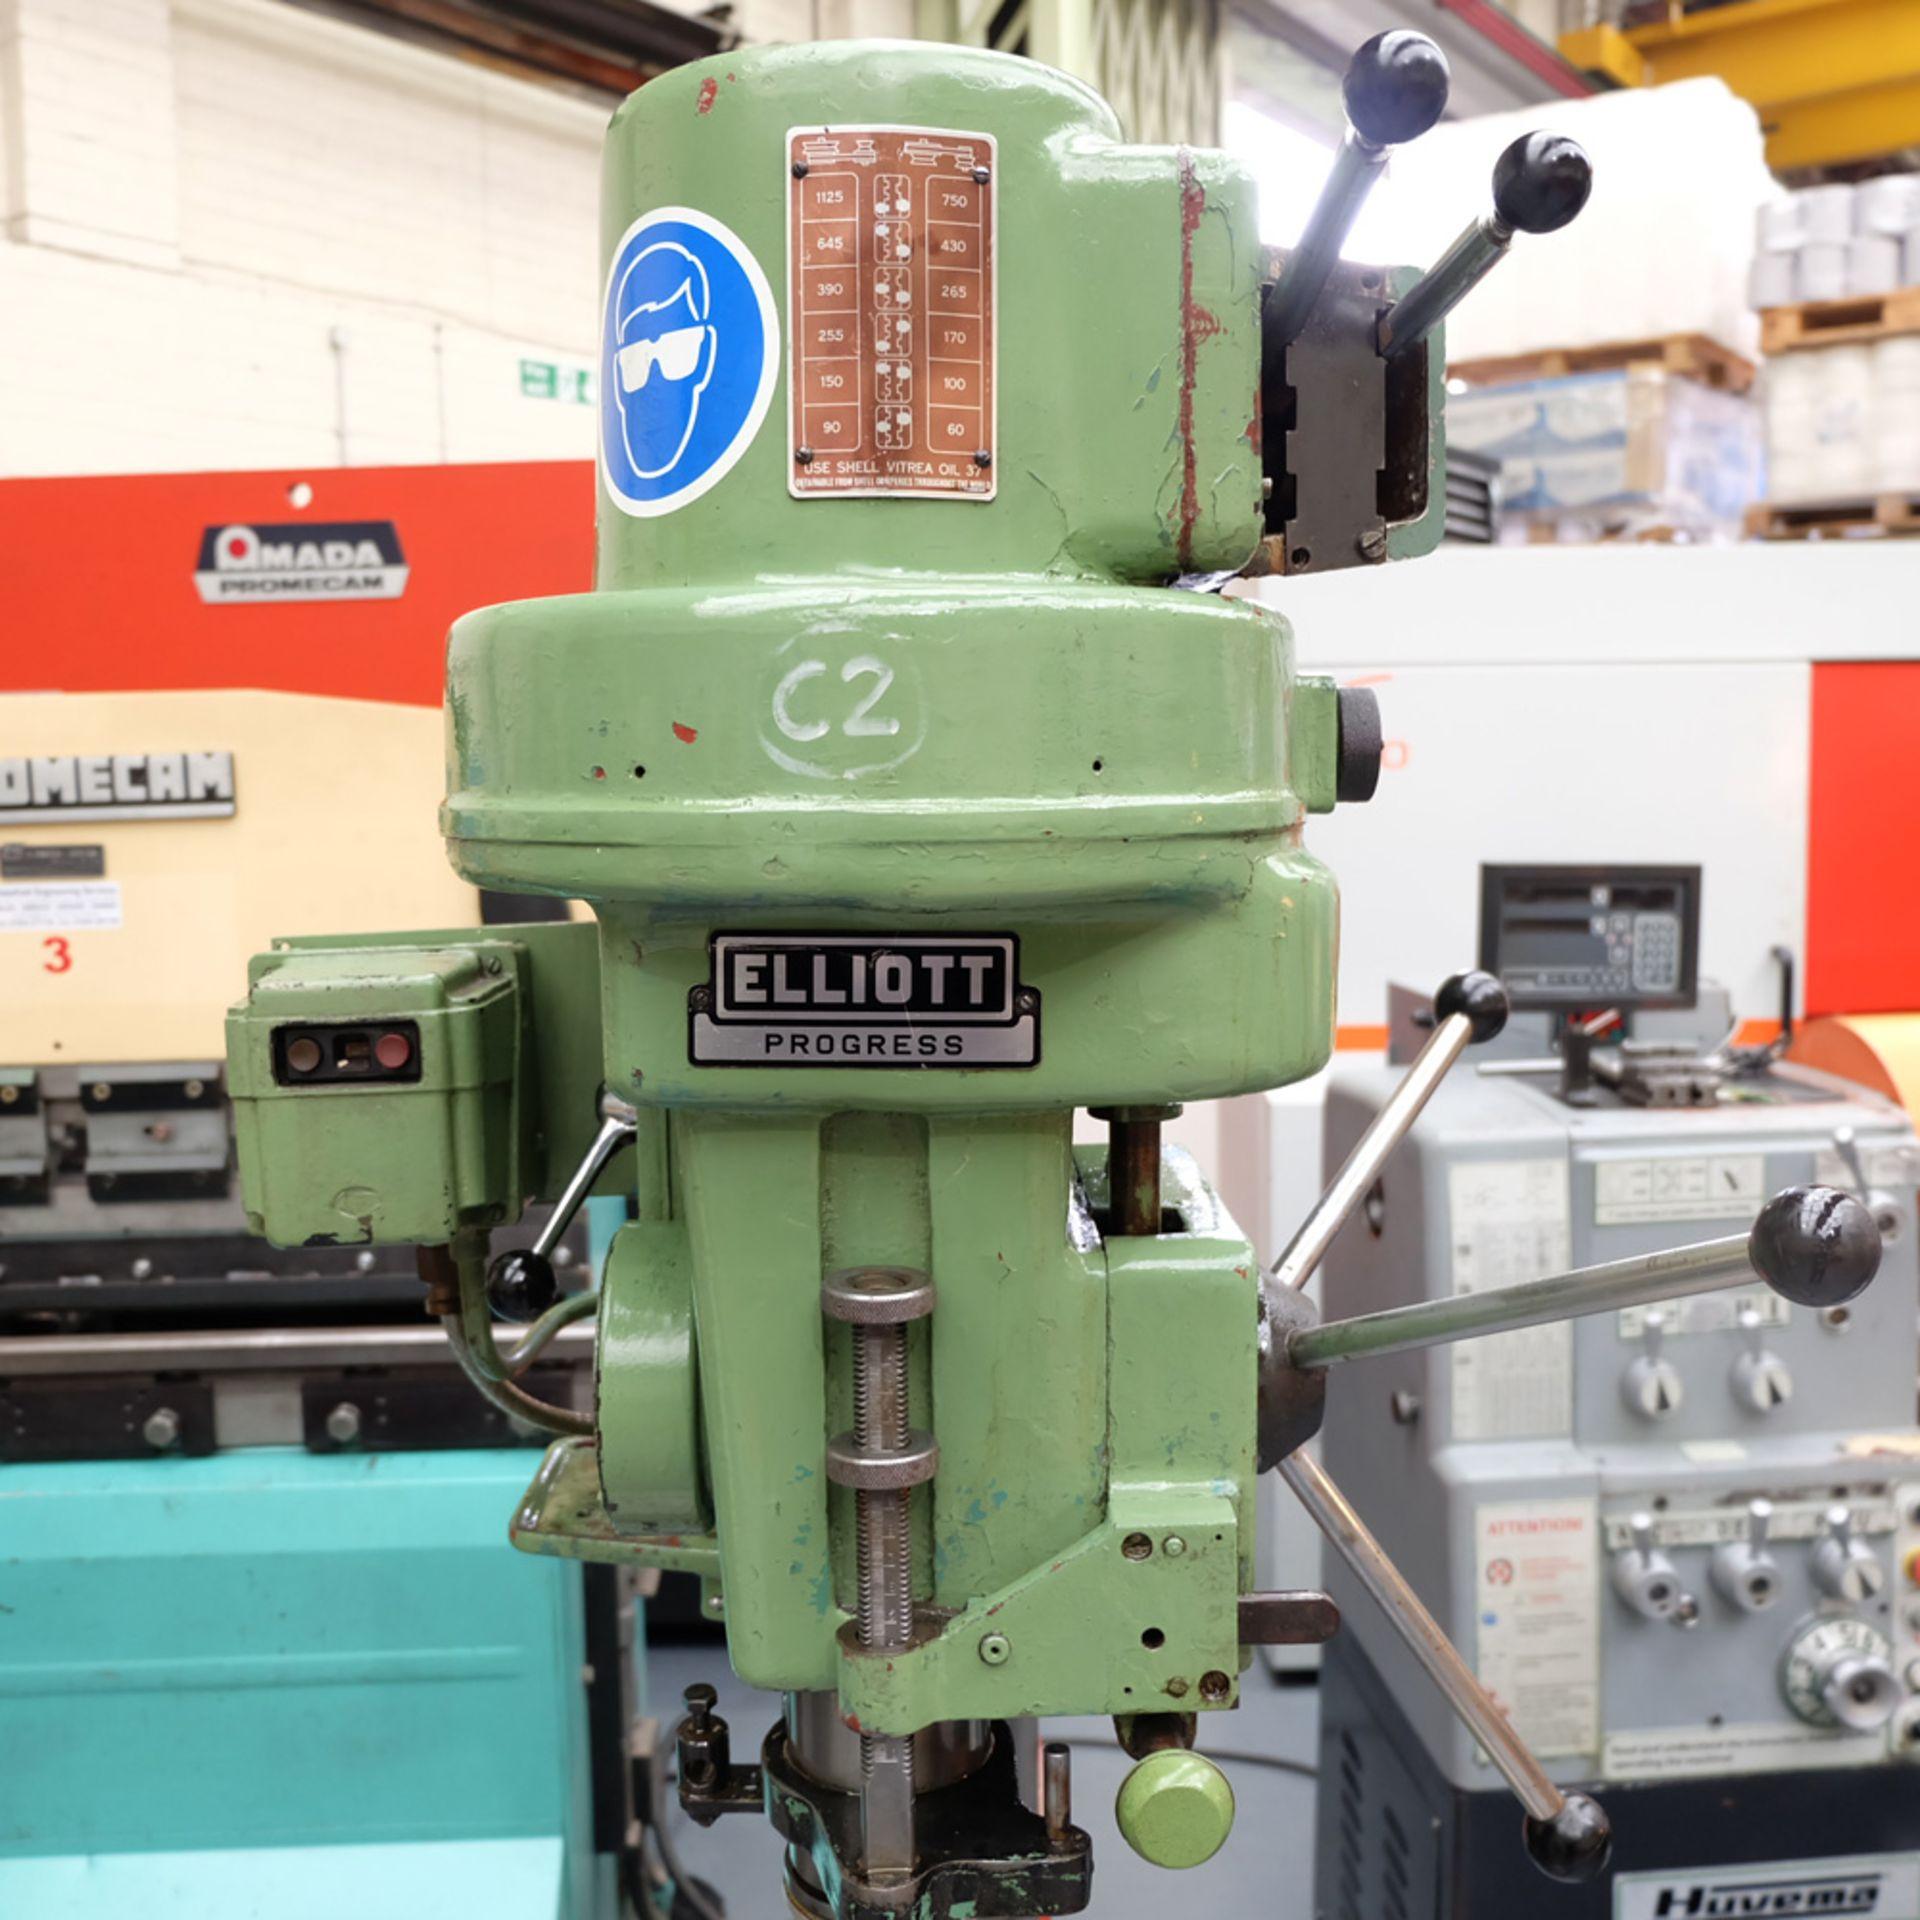 Elliott Progress 3E Gear Driven Pillar Drill. Spindle Taper No.3 Morse. - Image 4 of 8